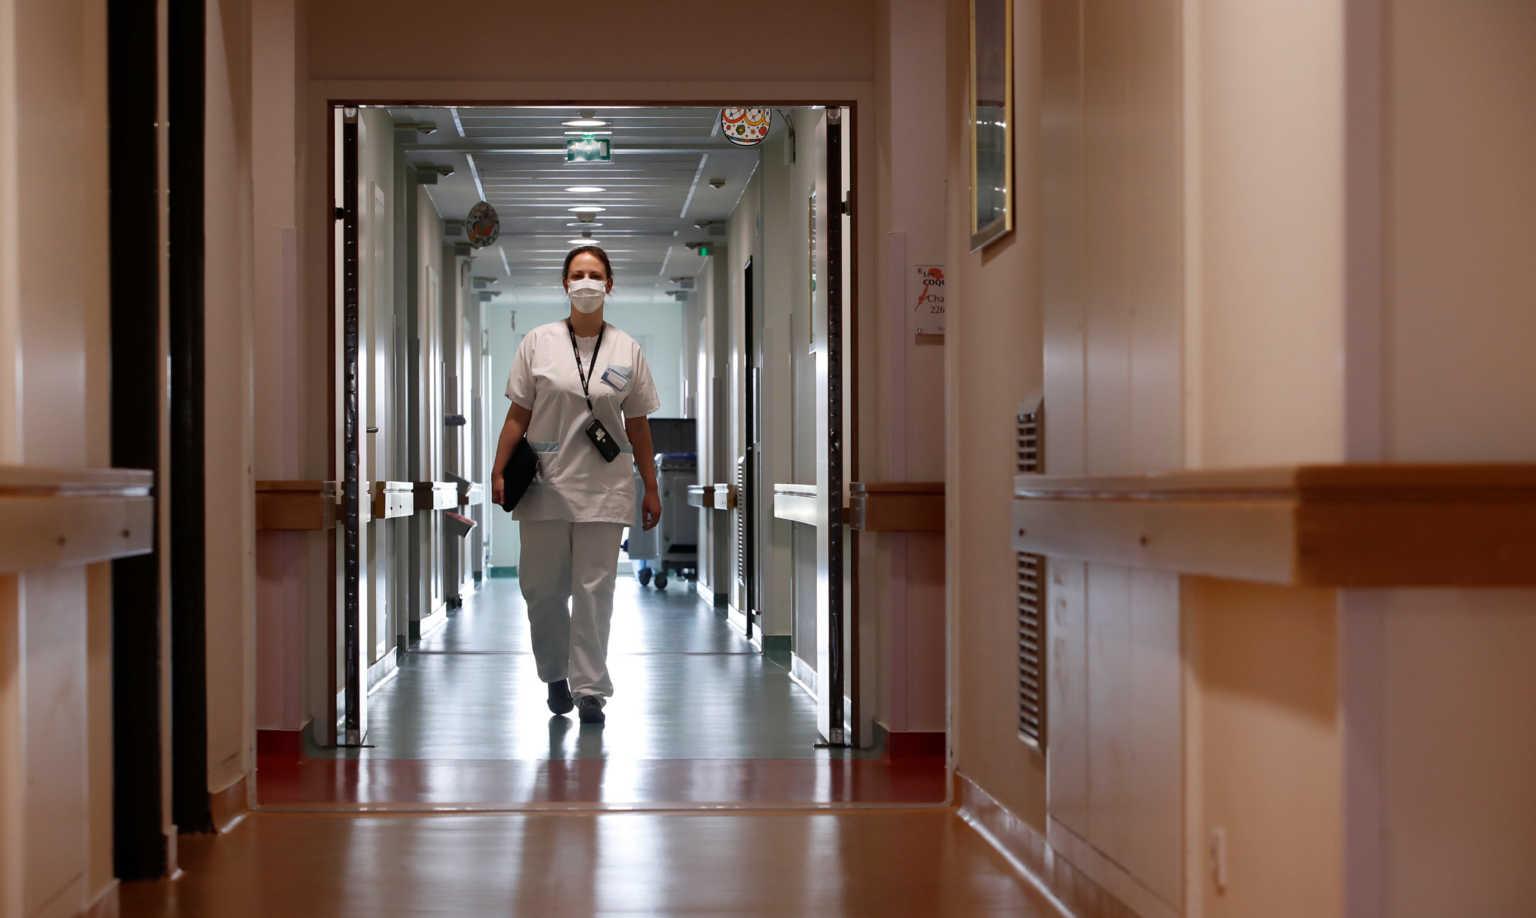 Κορονοϊός: 157 νέα κρούσματα σήμερα (30/08) στην Ελλάδα